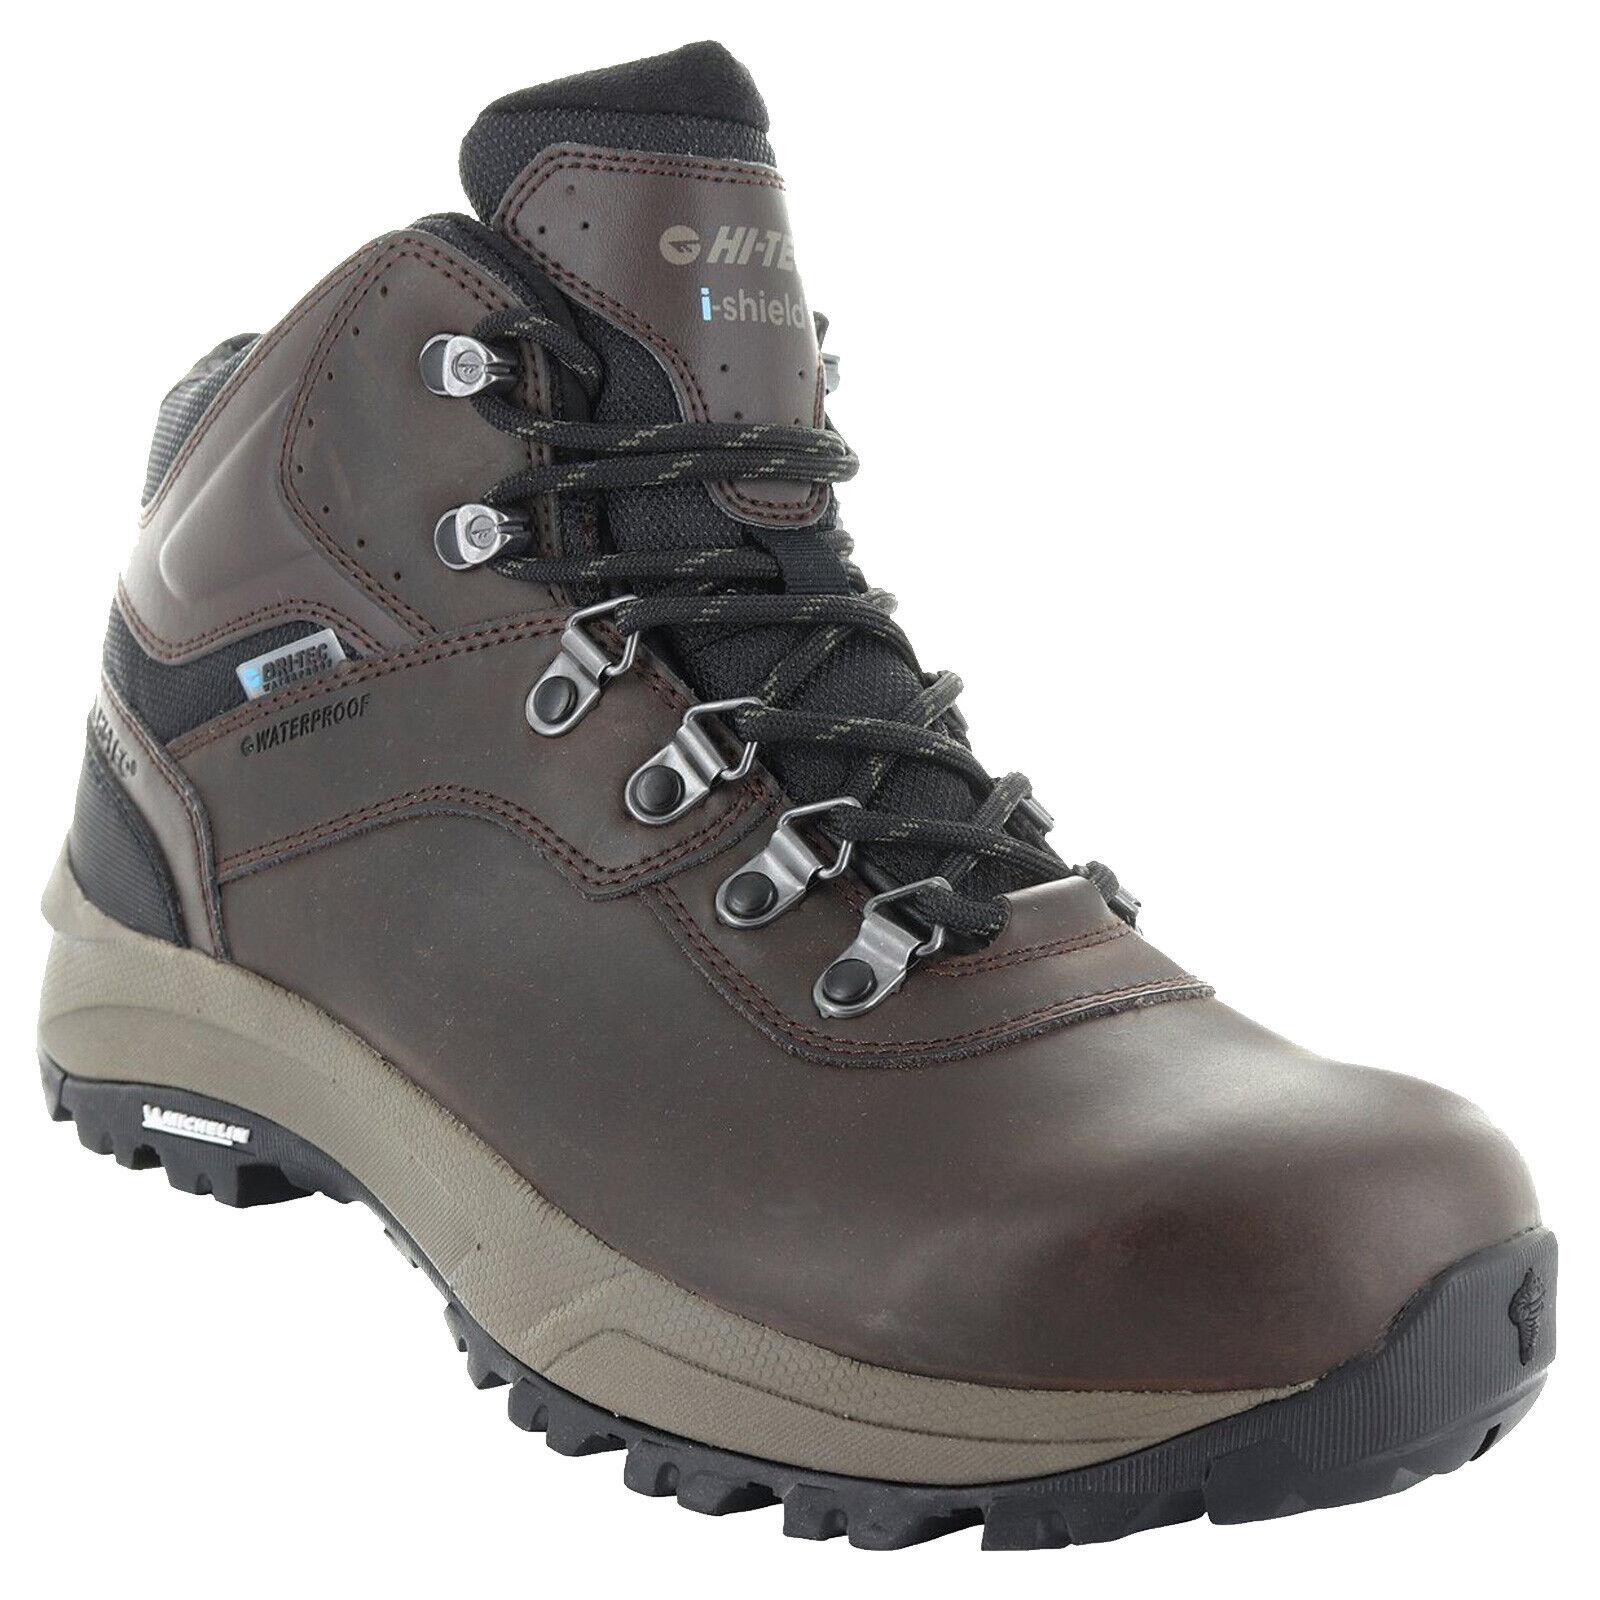 Hitec Uomo Altitudine VI ad i Stivali Impermeabili all'aperto Escursioni Trail Da